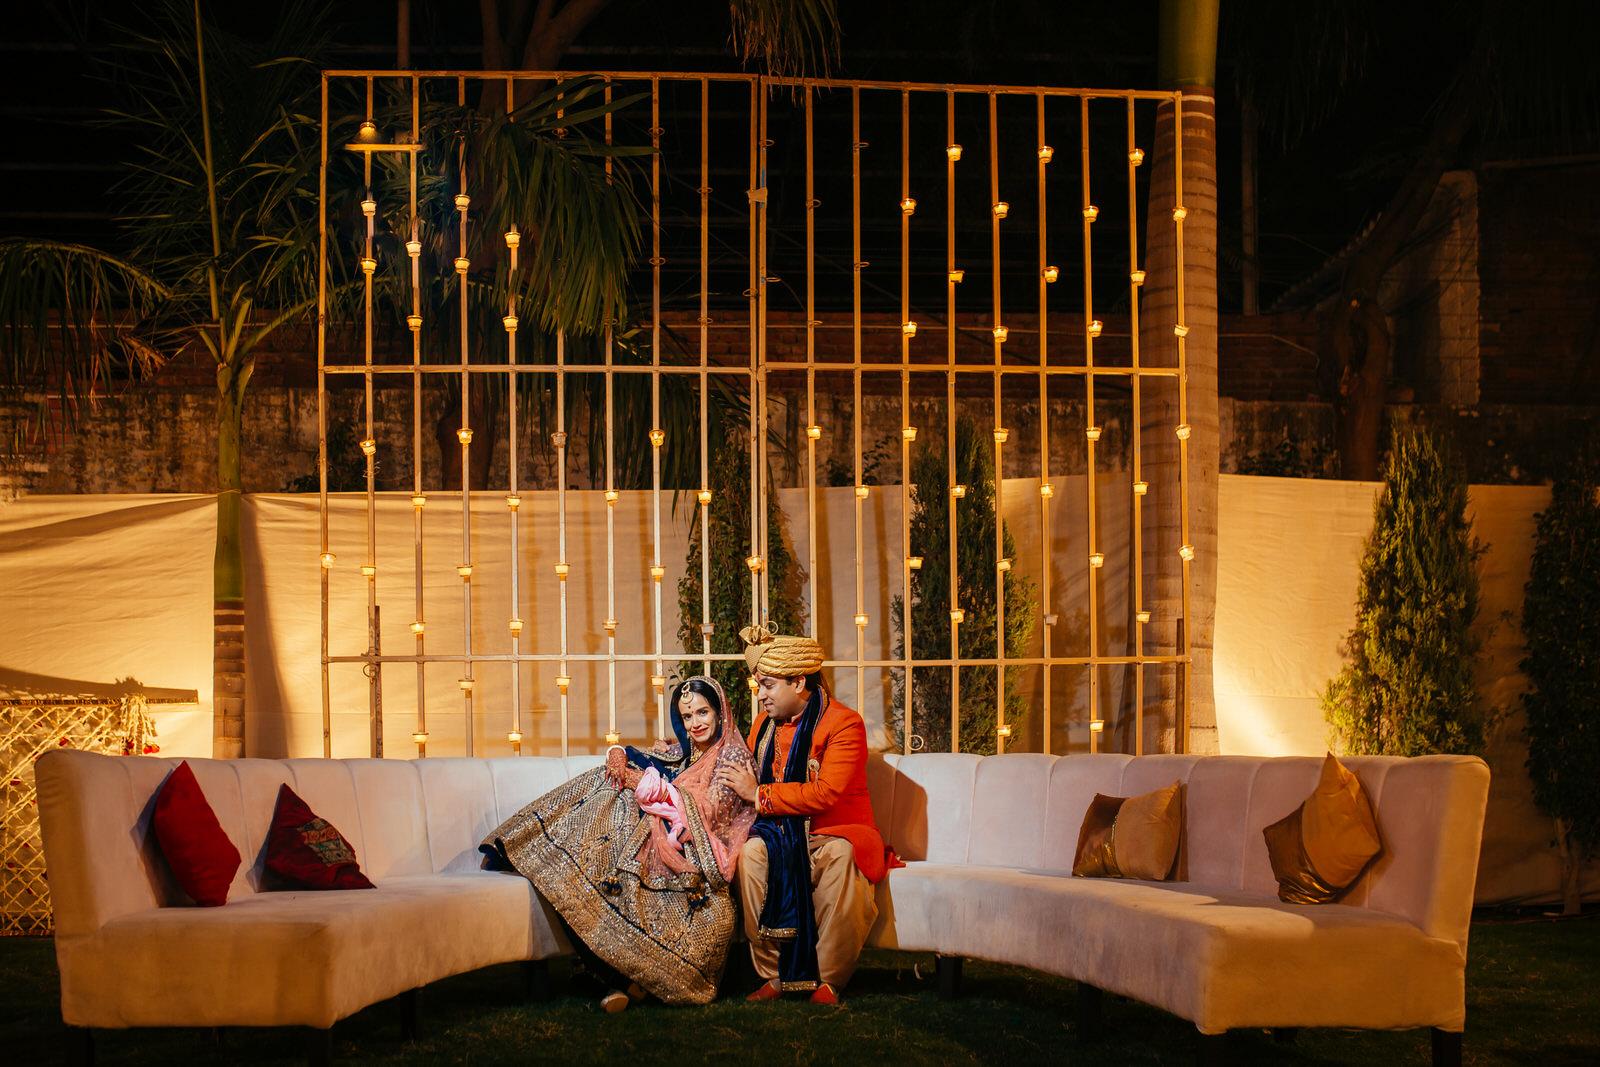 Hindu Night Wedding Day 2 - Camera 1-515.jpg